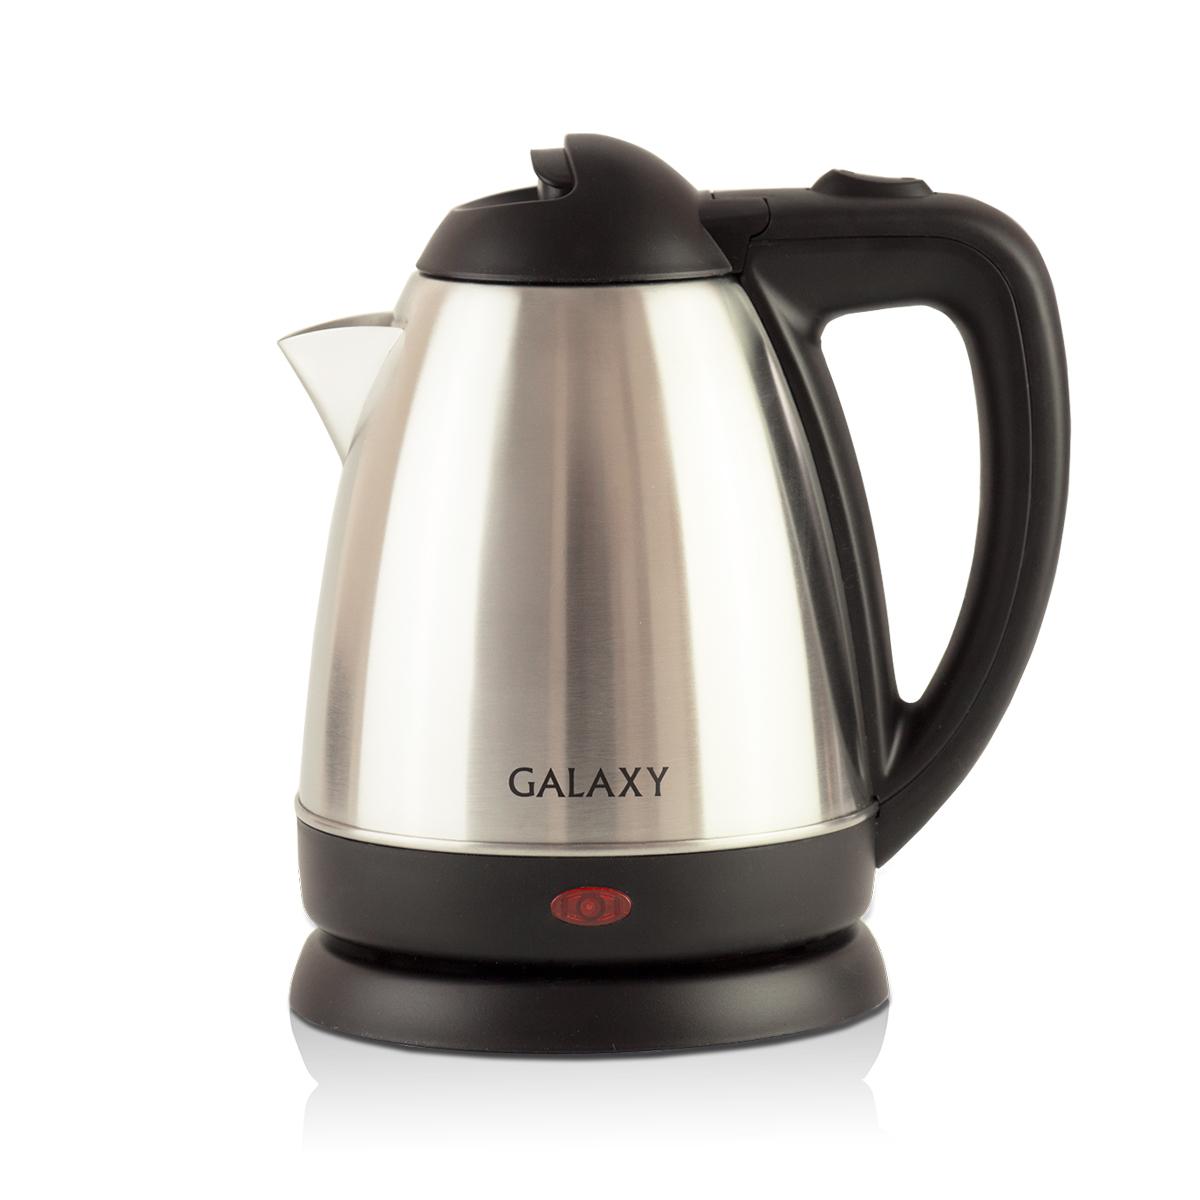 Galaxy GL 0317, Silver чайник электрический4650067301969Металлический чайник Galaxy GL 0317 изготавливается из стали марки 18/10, именуемой медицинской или хирургической. Такое название она получила не случайно, ведь именно из этой марки стали изготавливаются медицинские и хирургические инструменты. Это обусловлено тем, что сталь 18/10 экологически безопасна, имеет высокую плотность и твердость, устойчива к коррозии, а также к воздействию кислот и щелочей, в том числе при высоких температурах. Galaxy Galaxy GL 0317 - это мощная (1200 Вт) модель объемом 1,2 л. С помощью этого чайника вы сможете приготовить чай на большую компанию за считанные минуты. Вращающийся корпус сделает использование чайника еще более удобным, а фильтр избавит от попадания накипи в чашку.